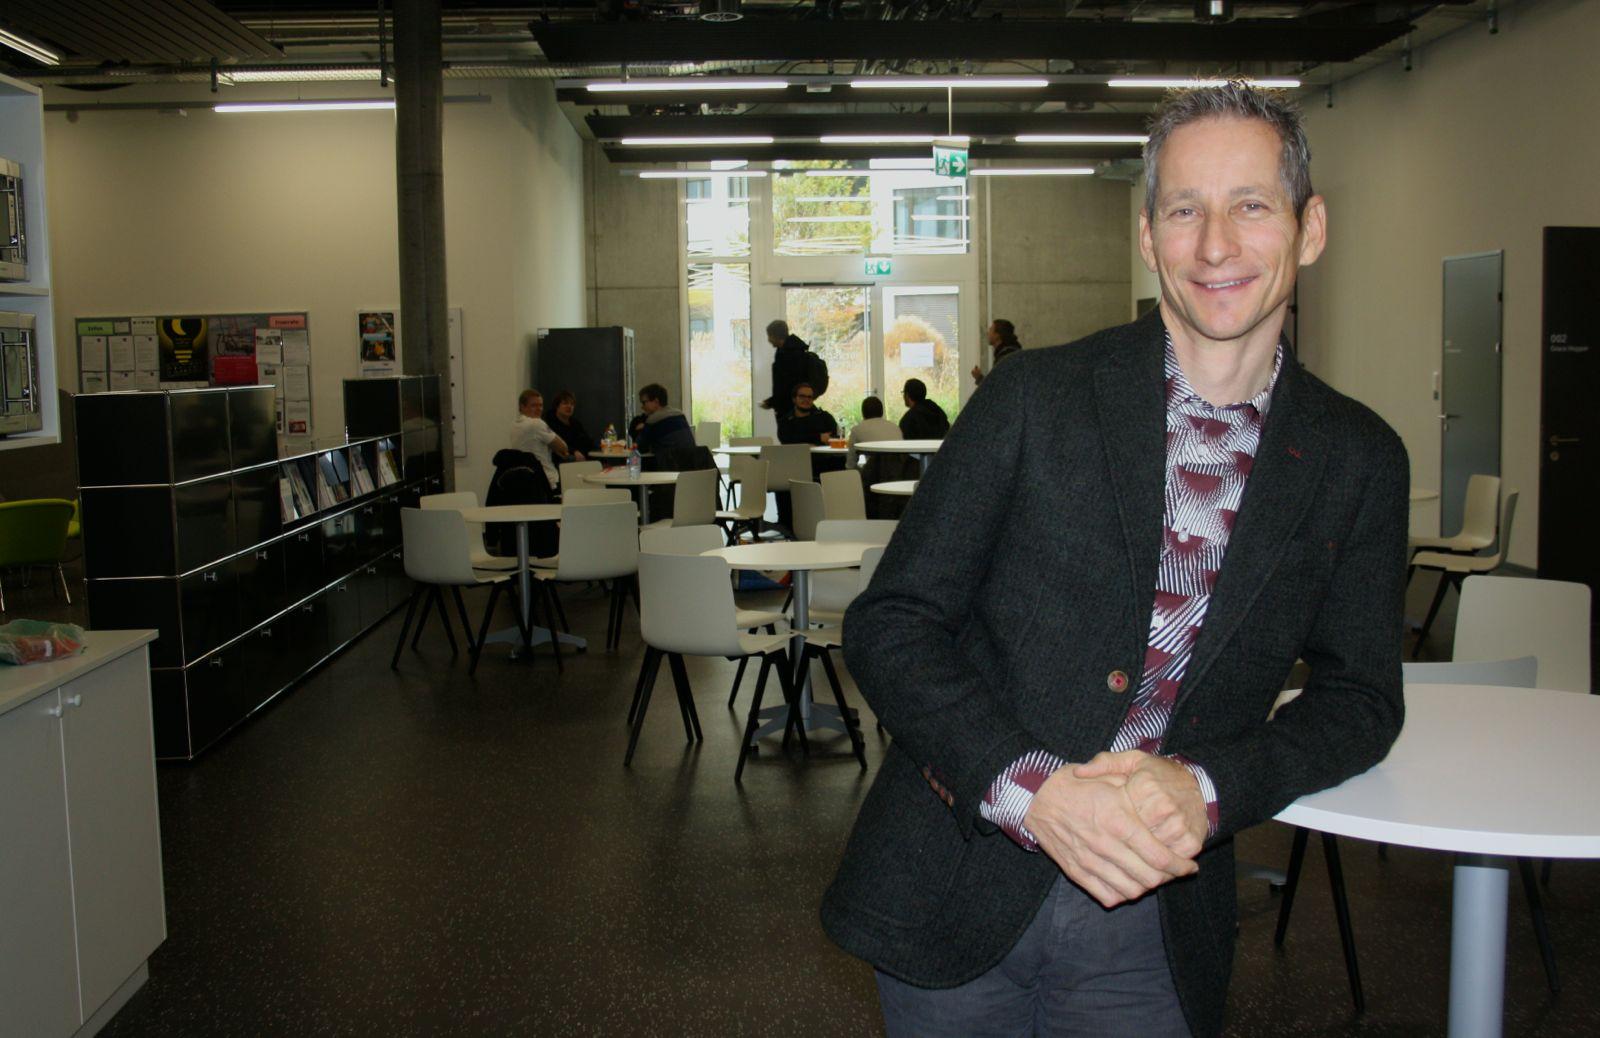 René Hüsler, der Direktor des Departements Informatik der Hochschule Luzern. Hüsler betont den Nutzen der neuen Vorlesungszeiten für die Studierenden. Sie fänden einen Sitzplatz in Zug und hätten mehr Ruhe, was sich positiv aufs Lernen auswirke.